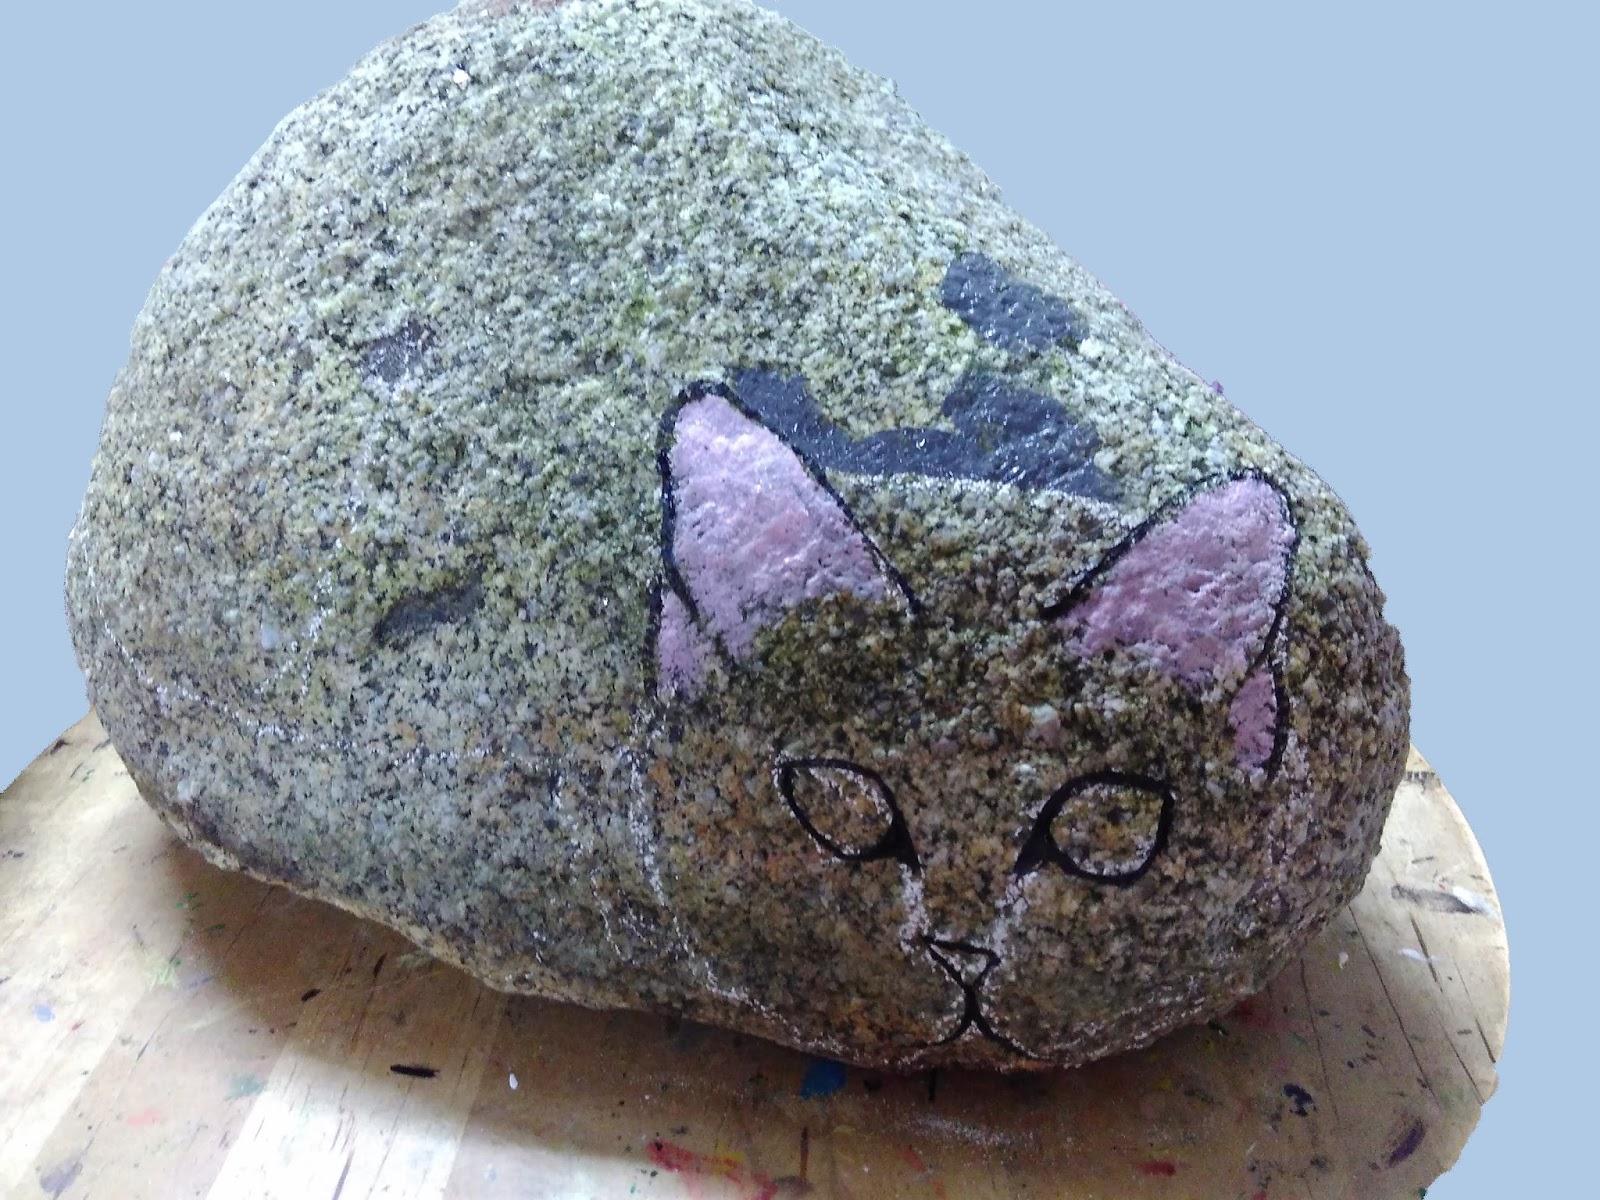 Piedras pintadas a mano como pintar un gato en piedra for Piedras pintadas a mano paso a paso